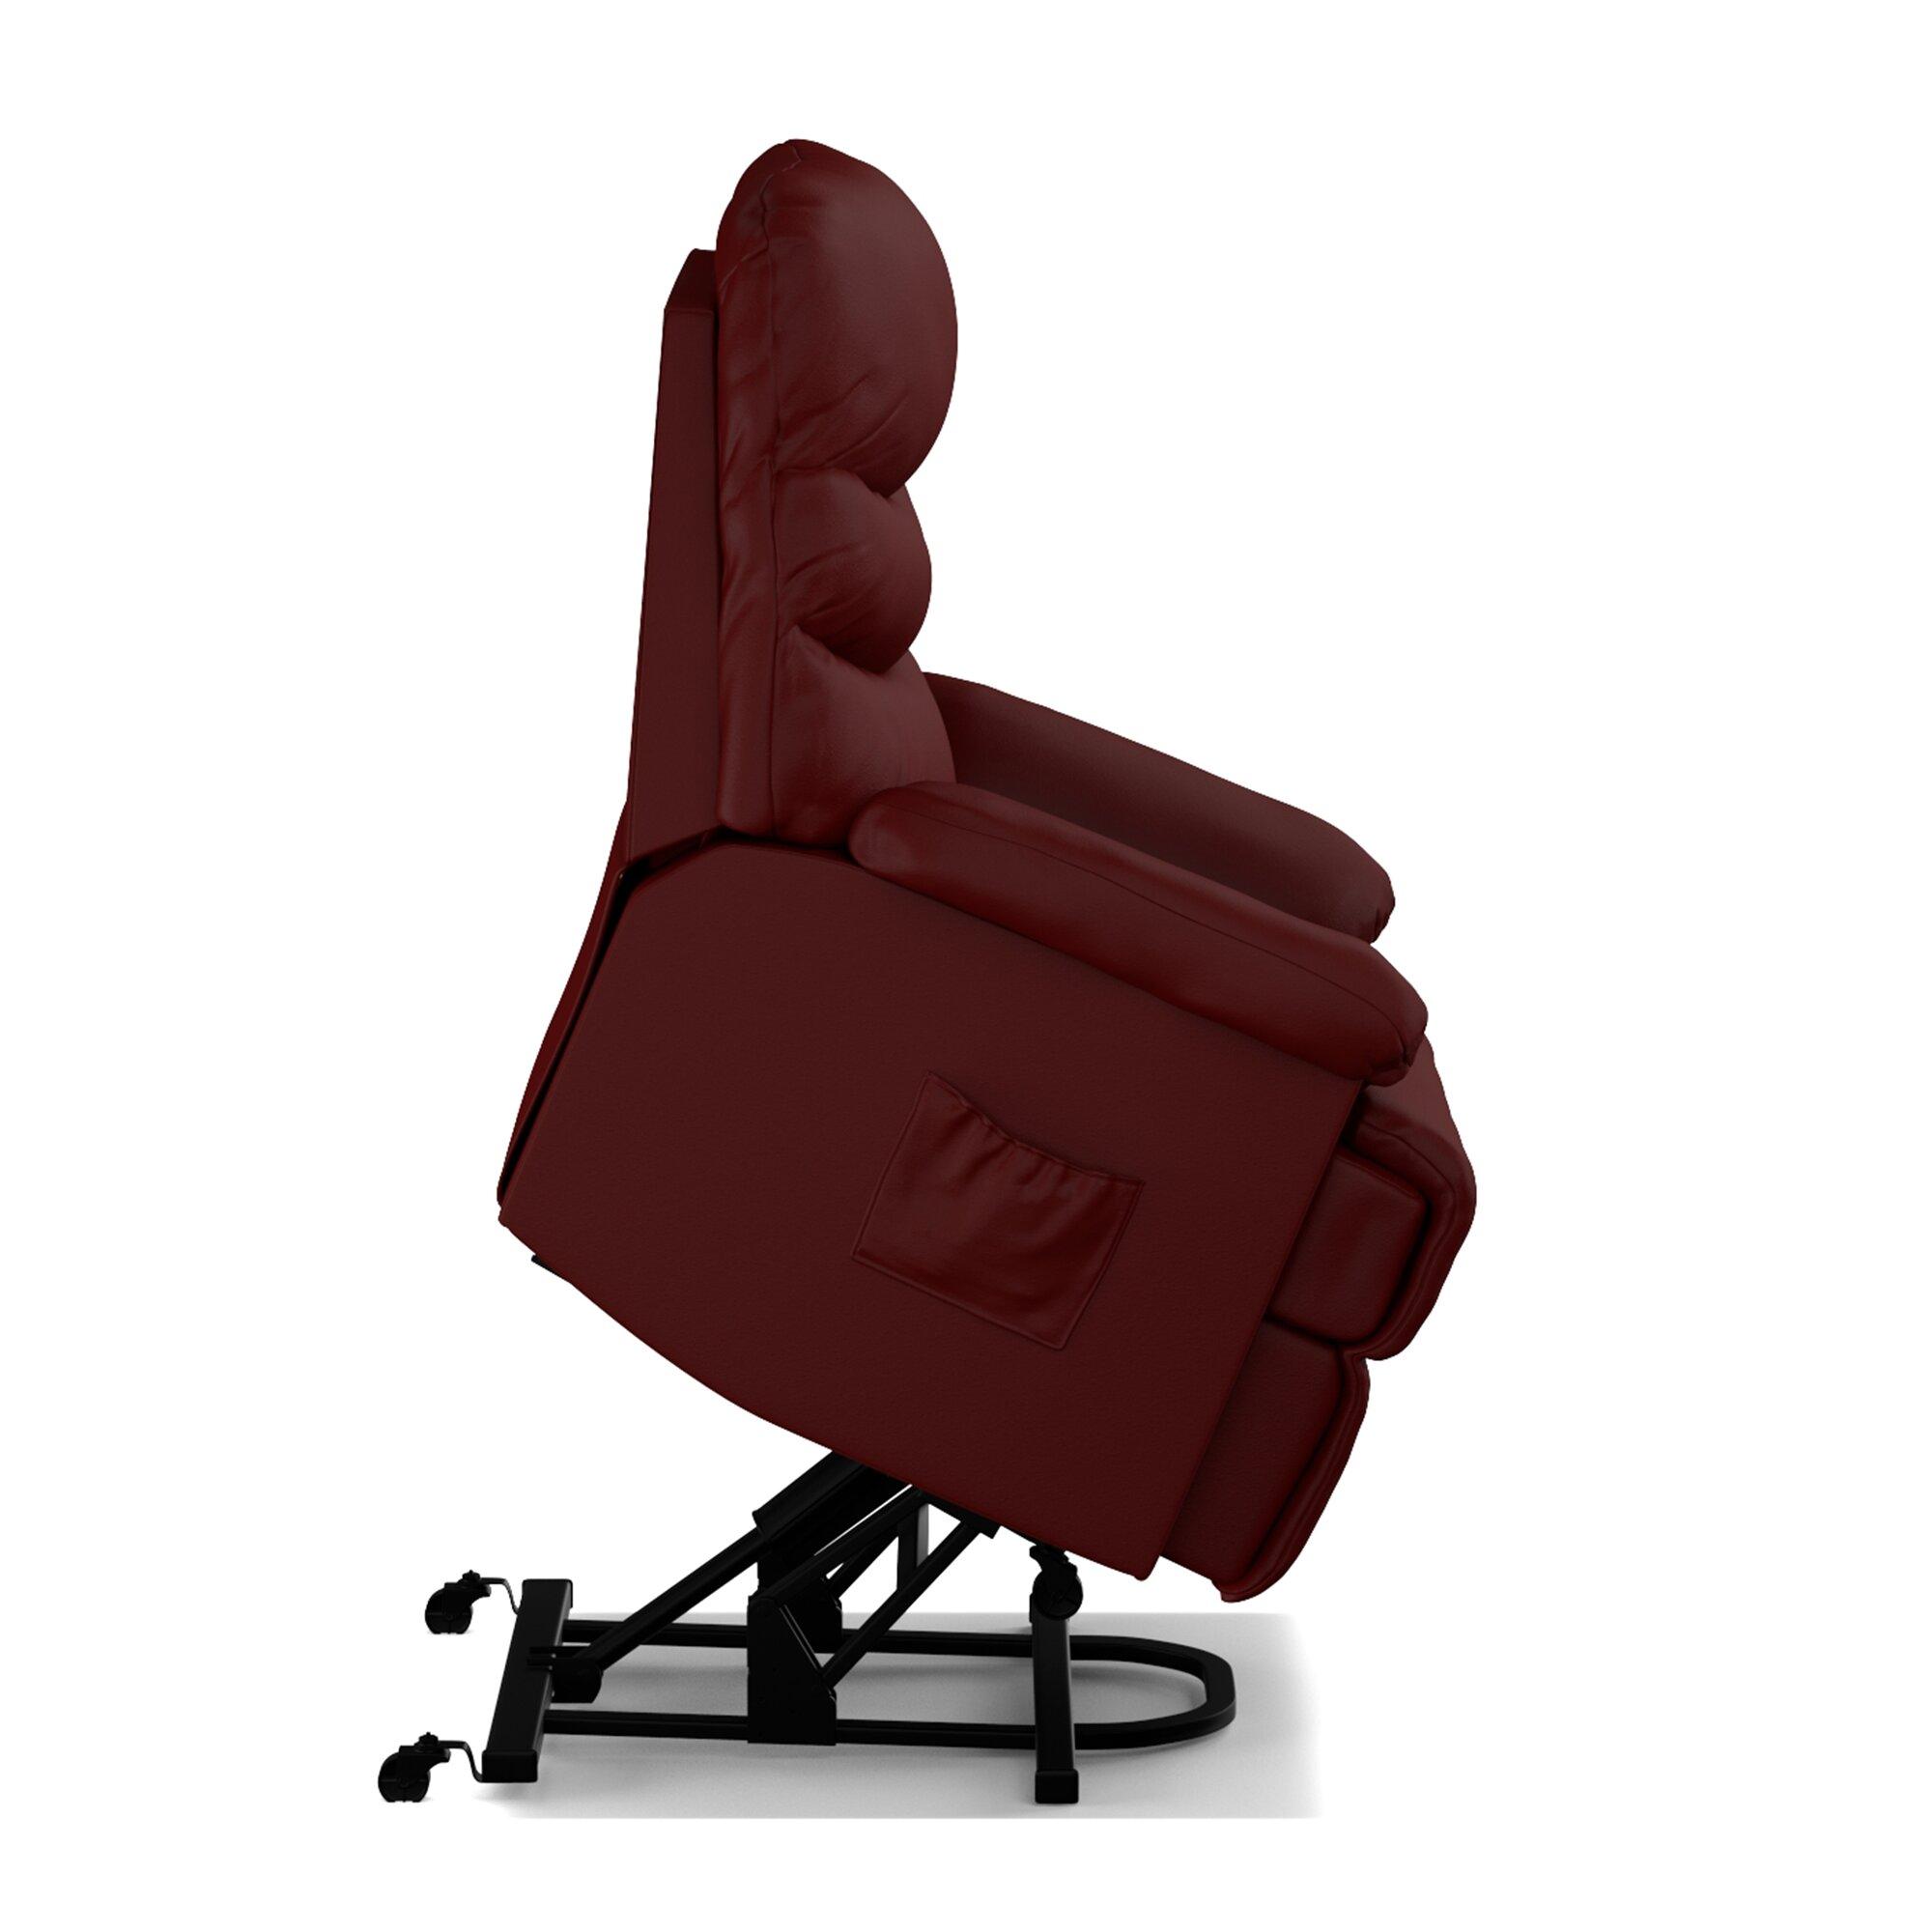 ProLounger Medium Infinite Positions Lift ChairReviewsWayfair